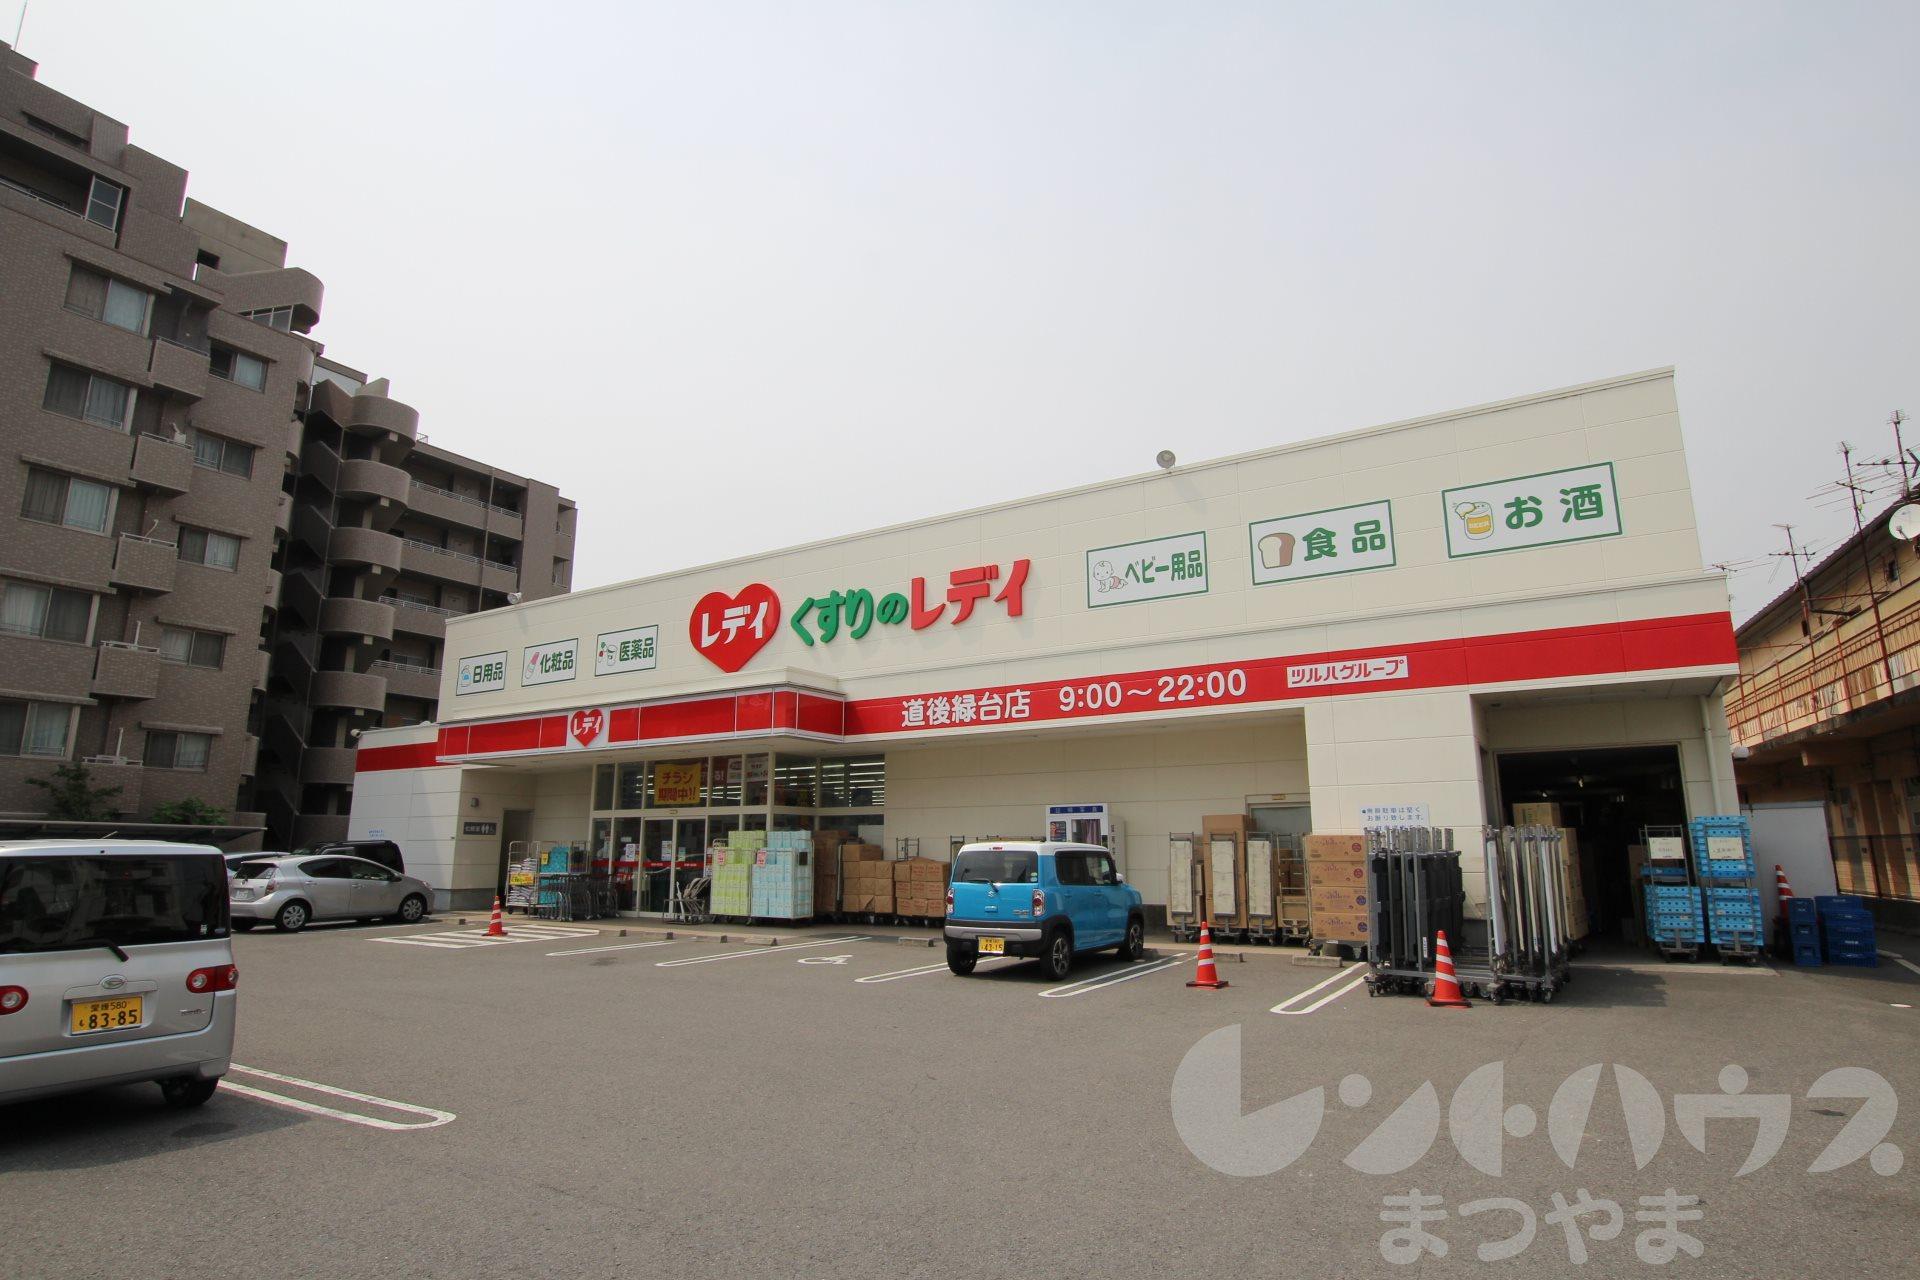 ドラッグストア:レデイ薬局 道後店 61m